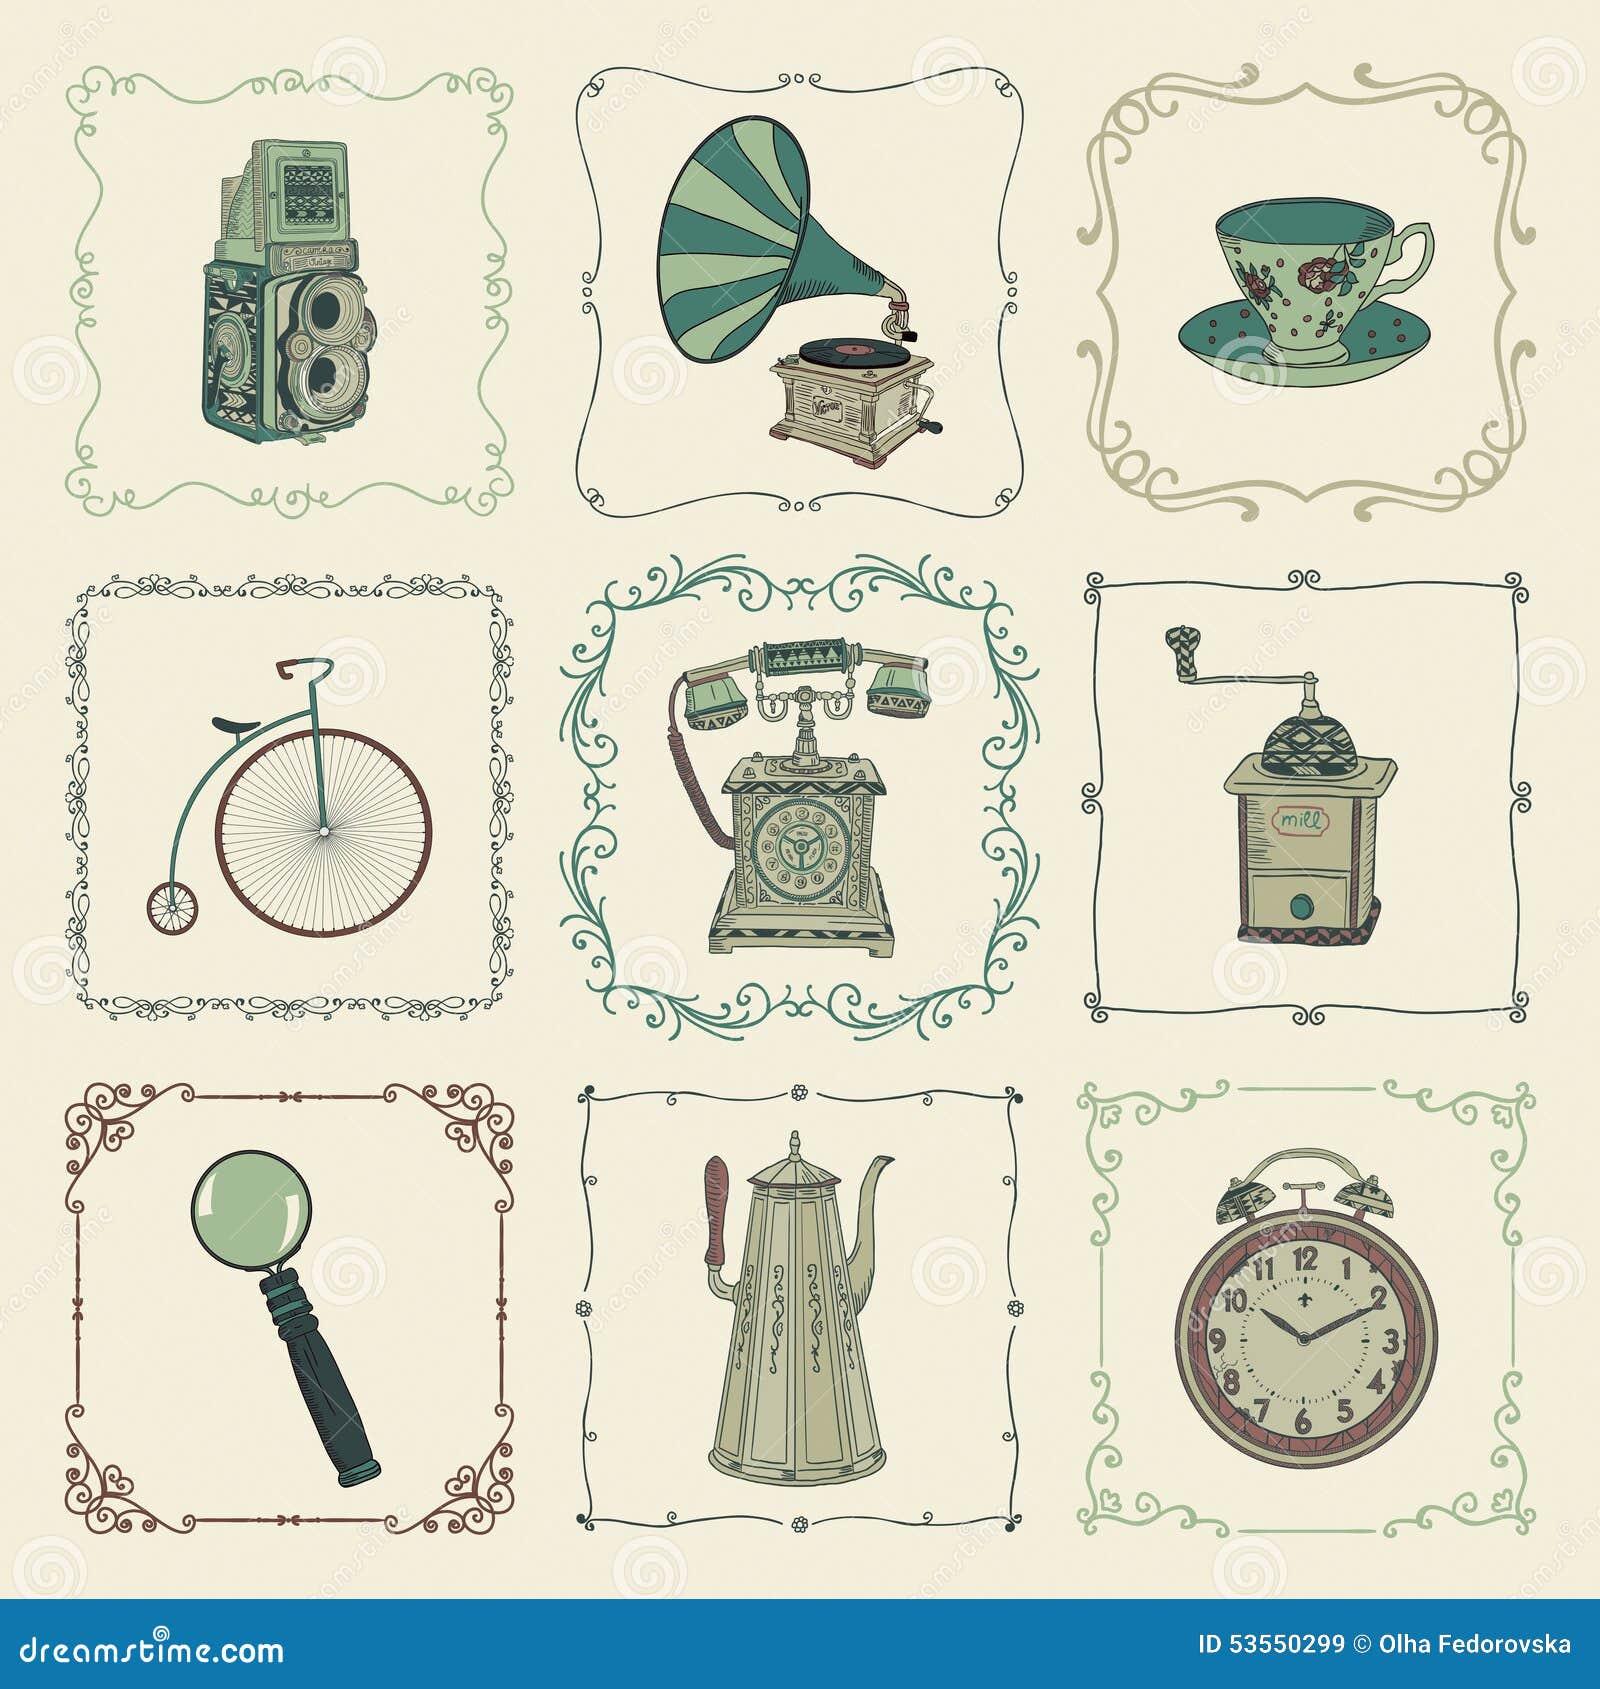 Iconos objetos y marcos coloridos del vintage del vector ilustraci n del vector imagen 53550299 - Objetos vintage ...